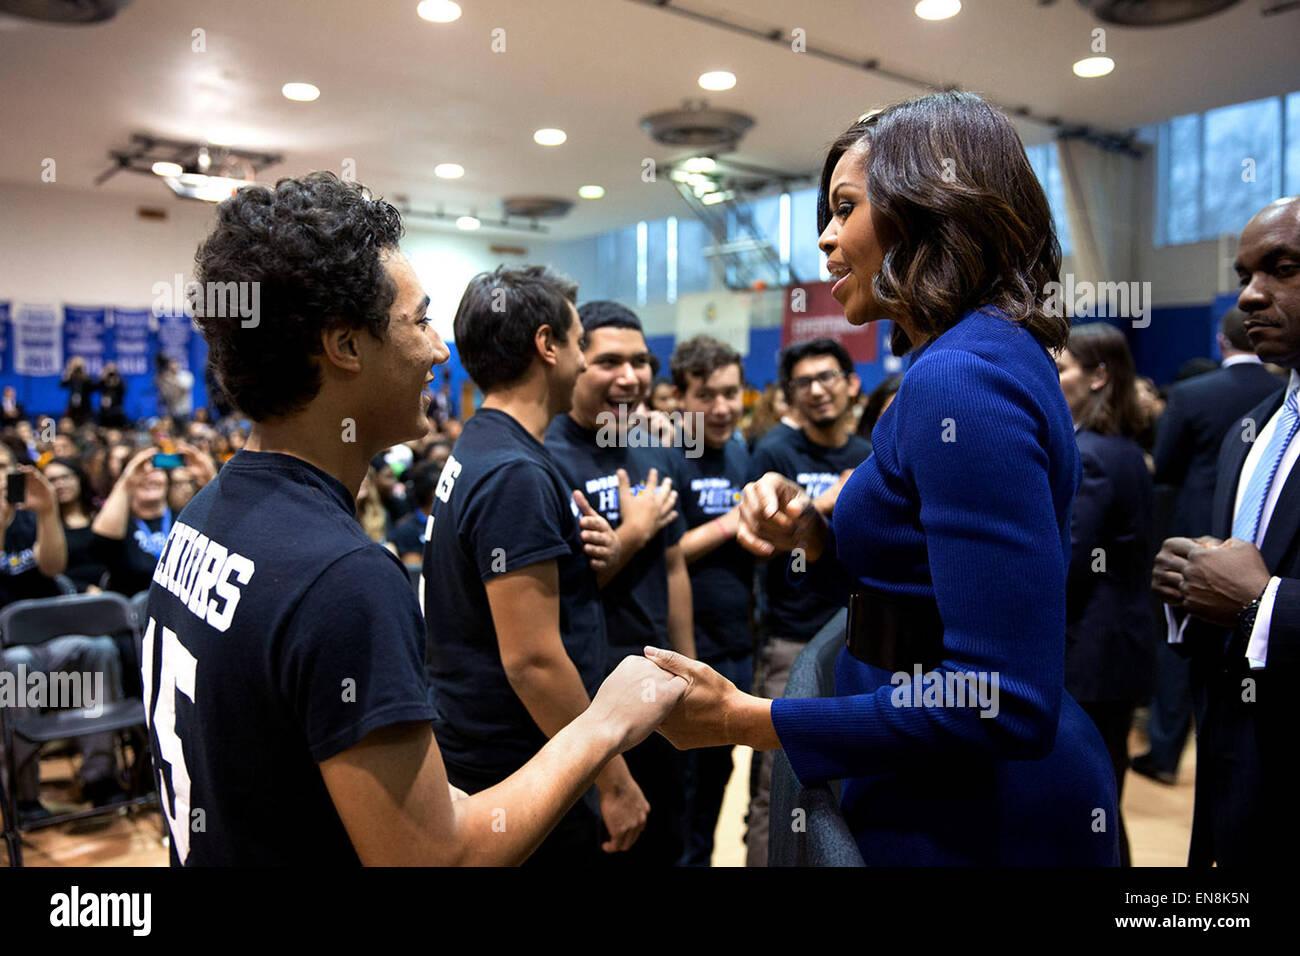 La Première Dame Michelle Obama parle avec les élèves du collège au cours d'un rassemblement Photo Stock